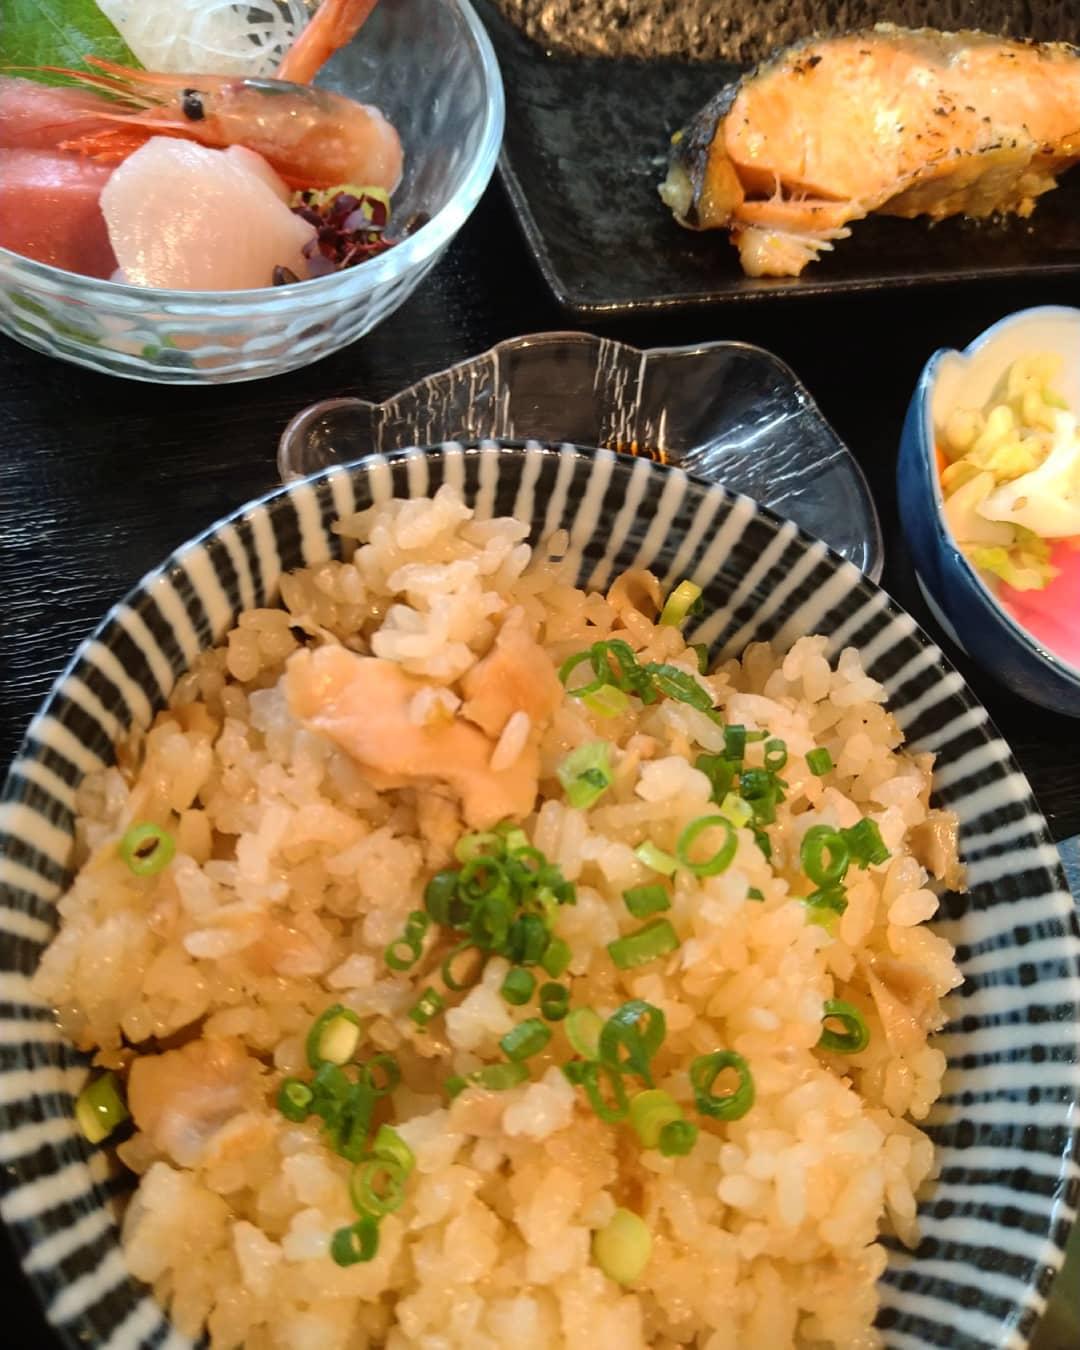 本日の日替わりランチの写真です 鮭の西京焼きは食べ応えのある大きさです 蛤の炊き込みご飯も美味しく炊けました❣️ お刺身も変わらず3種付いて、日替わりランチ税込み780円です️  ご来店お待ちしております️